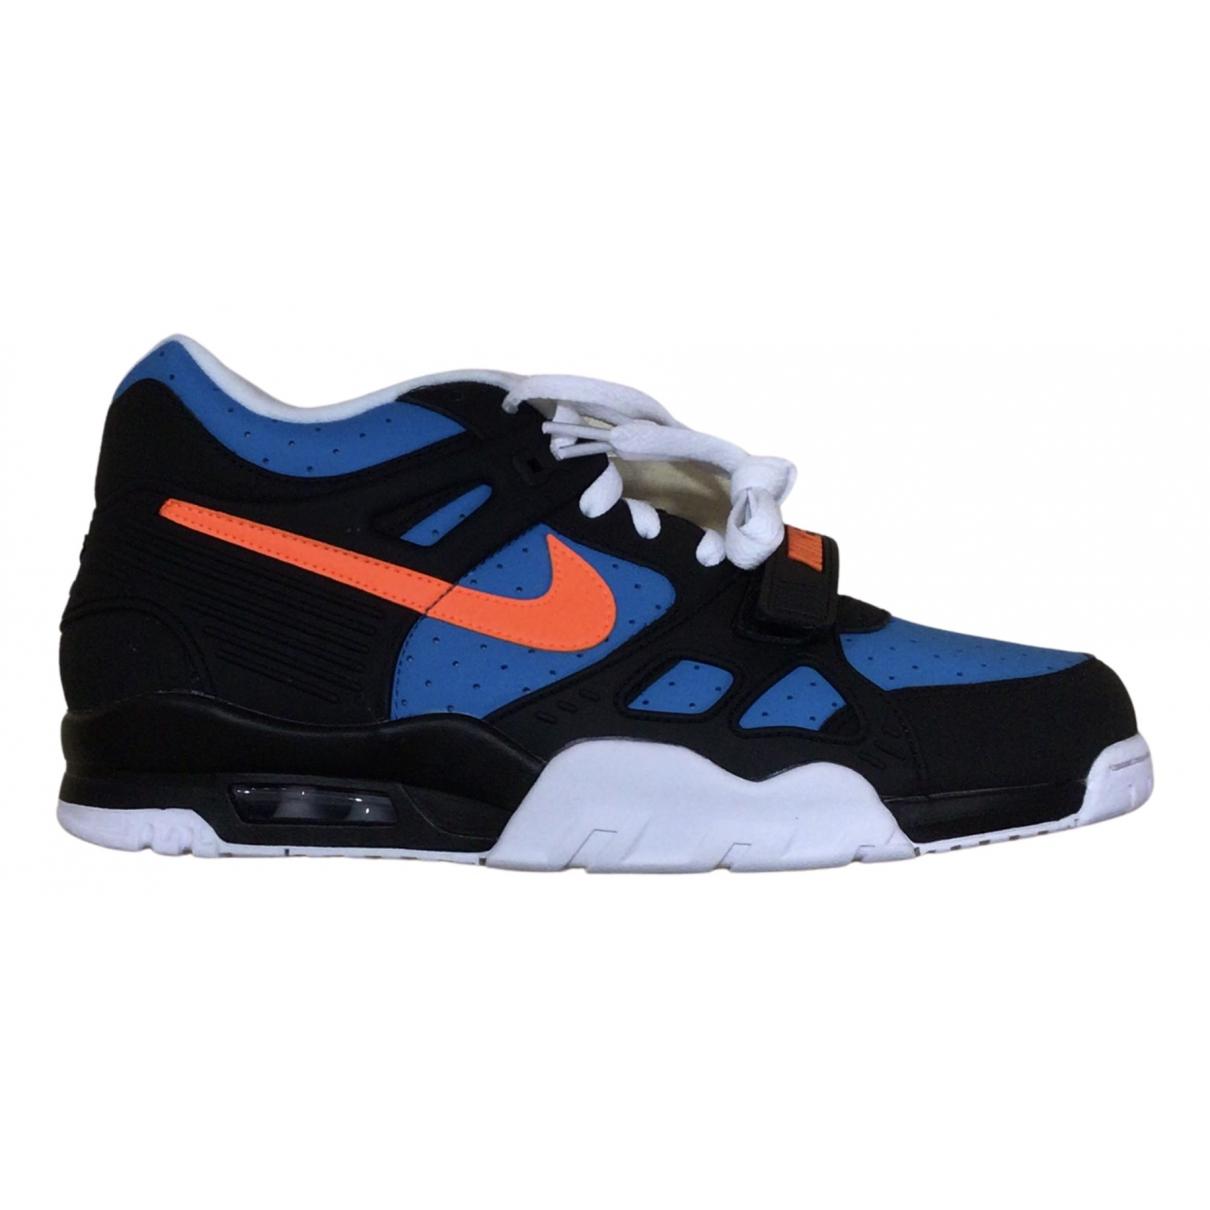 Nike - Baskets   pour homme en caoutchouc - bleu